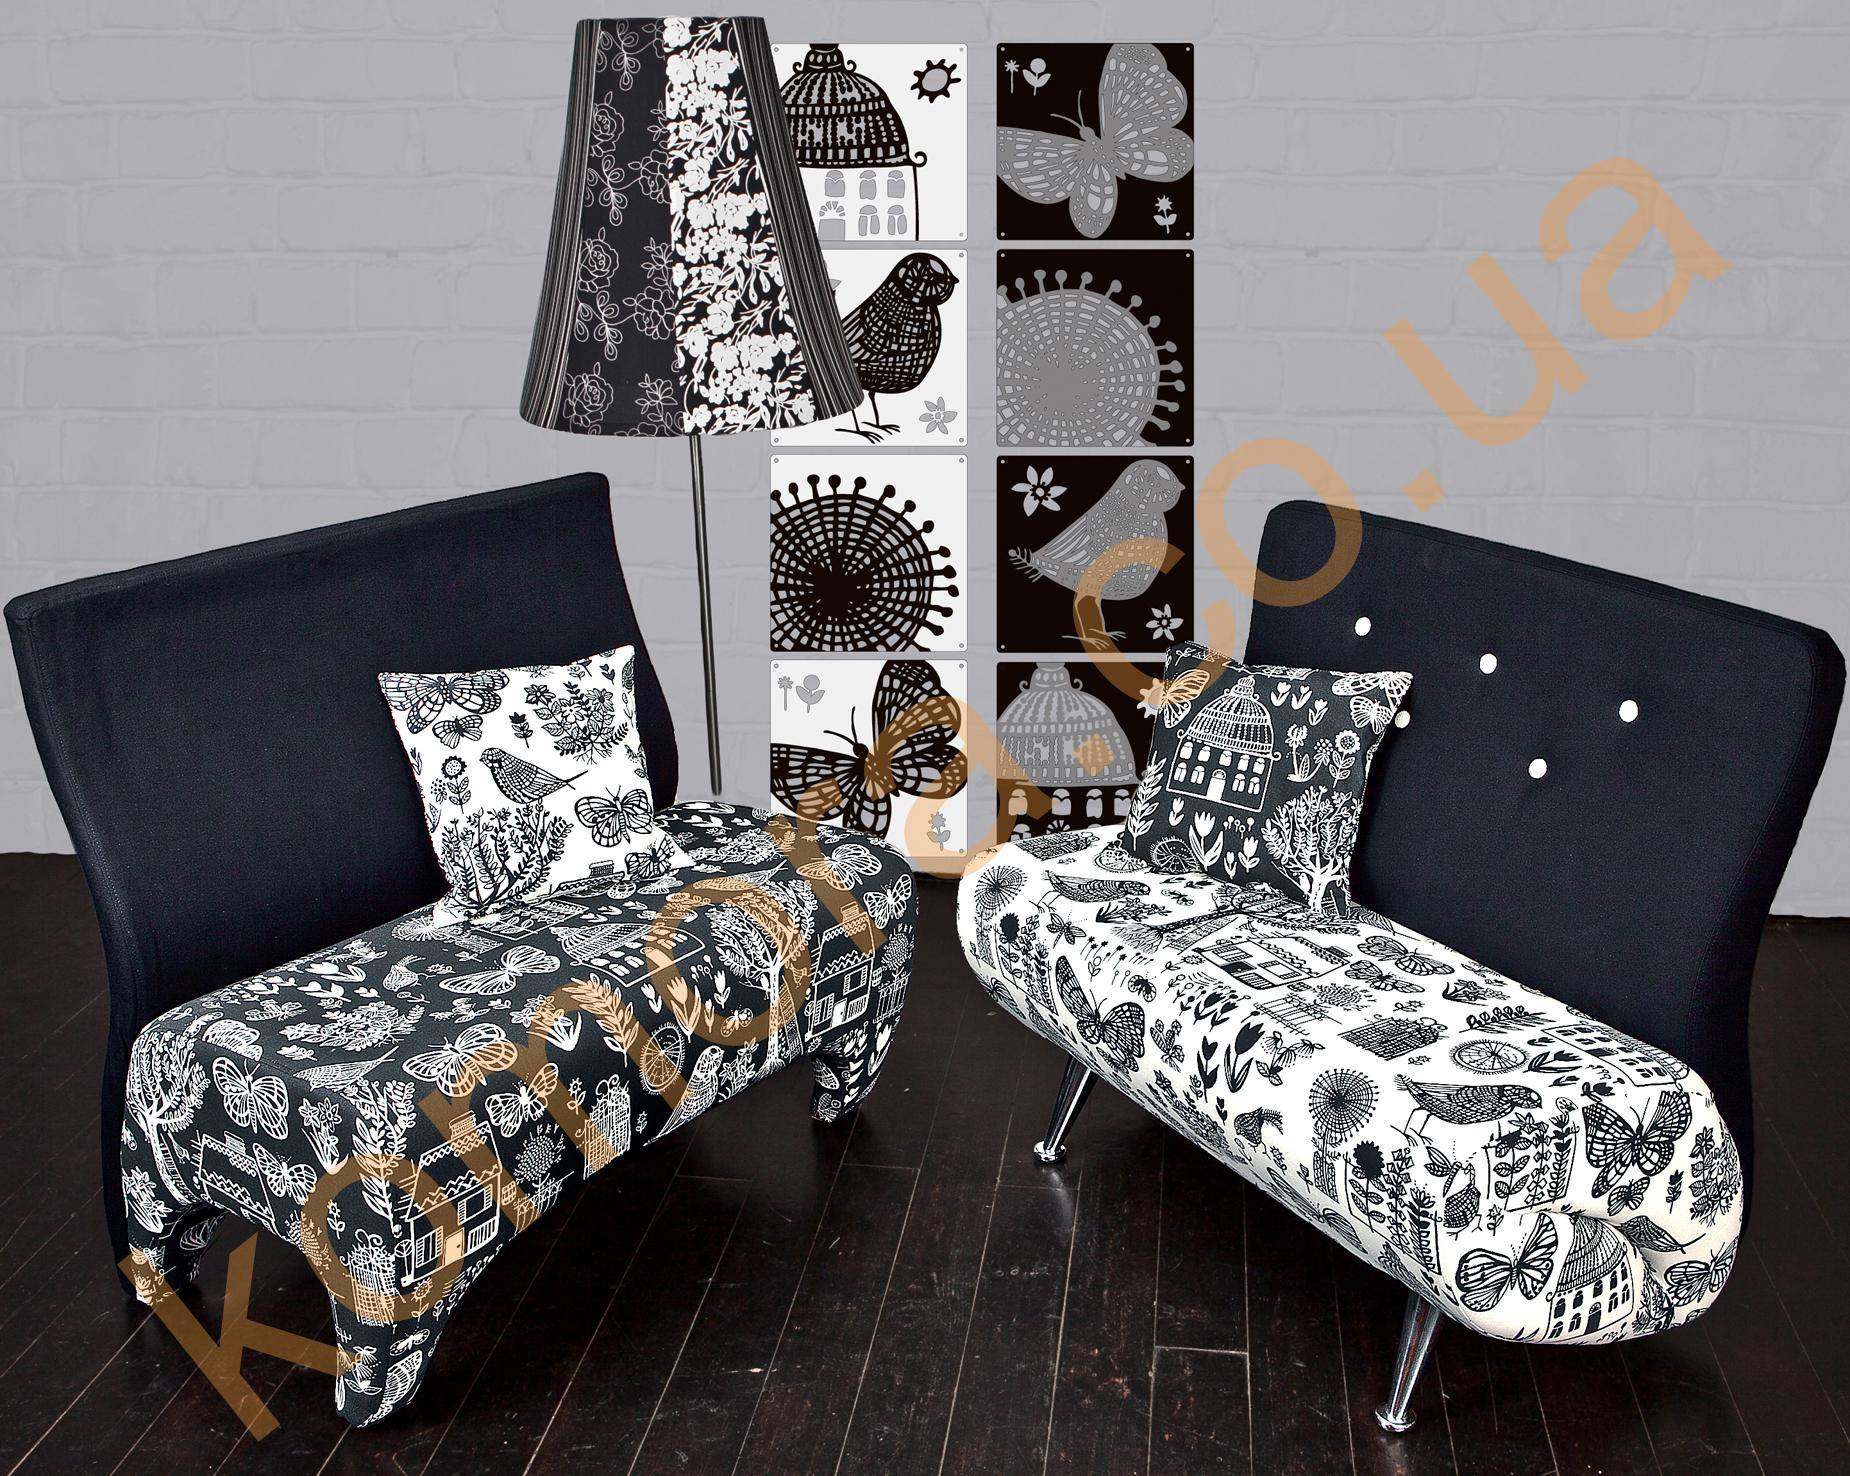 Мягкий диван кремового цвета. Другие товары. Посмотреть Мебель для гостиных Valmori